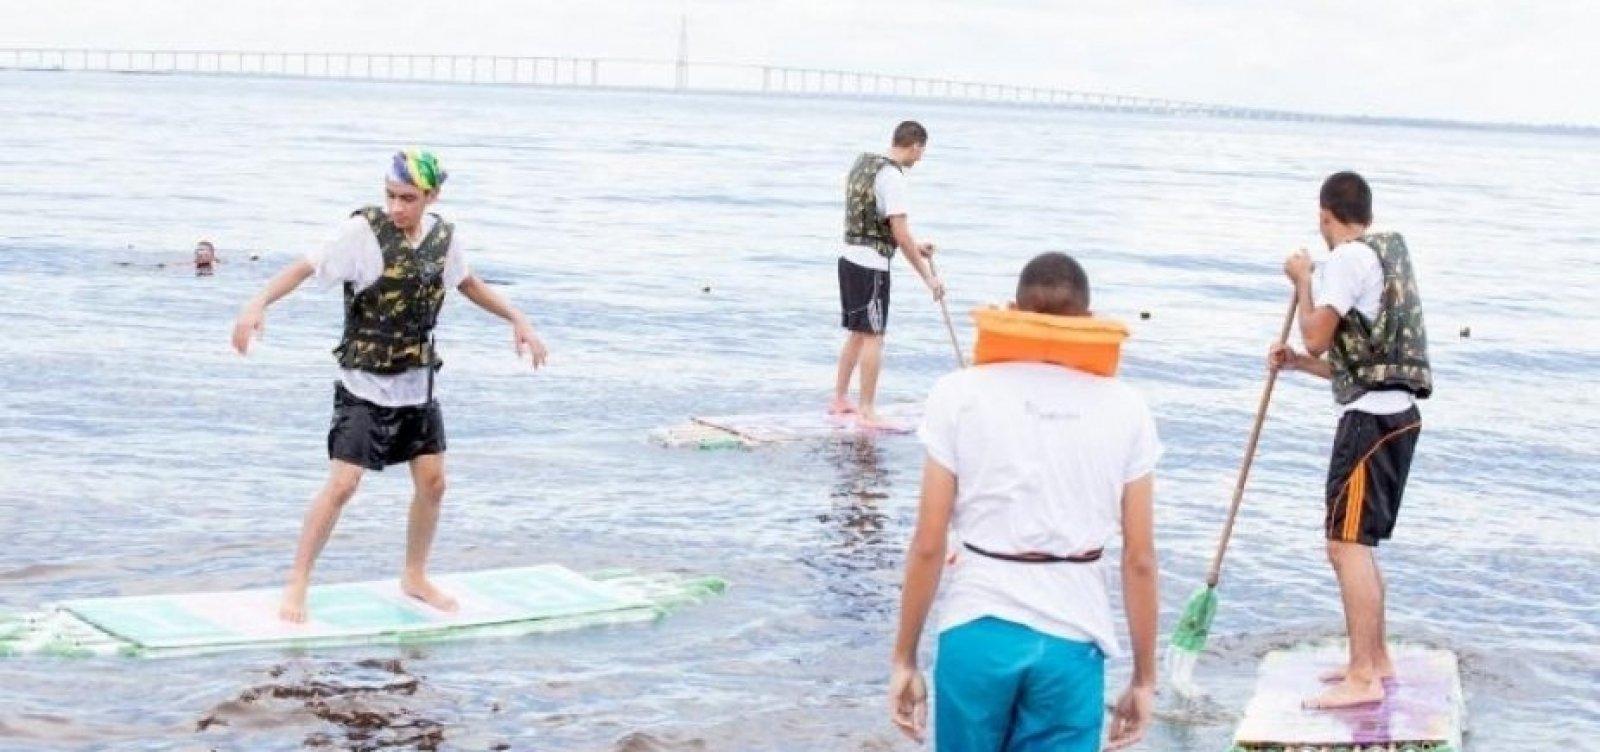 [Após sumiço de praticantes de stand up paddle, Tinoco quer regulamentação da atividade]